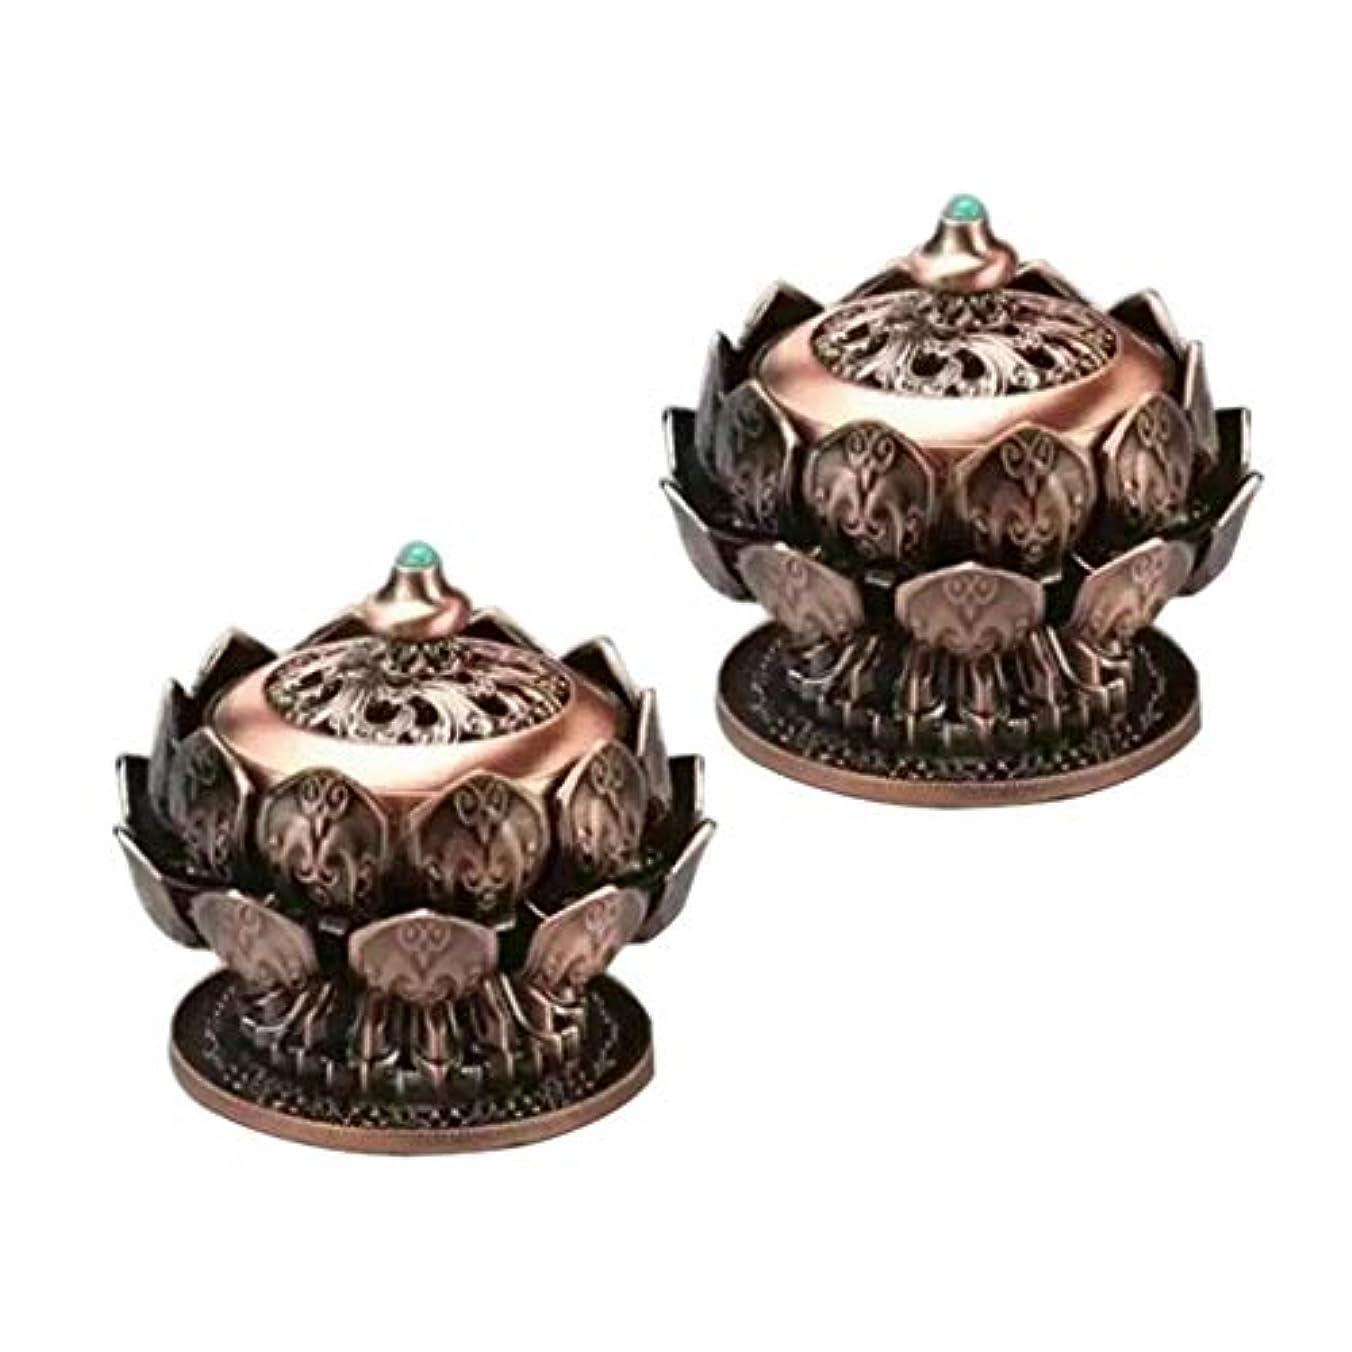 ケープうぬぼれ提案2個 合金 アンティーク 香炉 アロマセラピー 香炉 蓮 銅